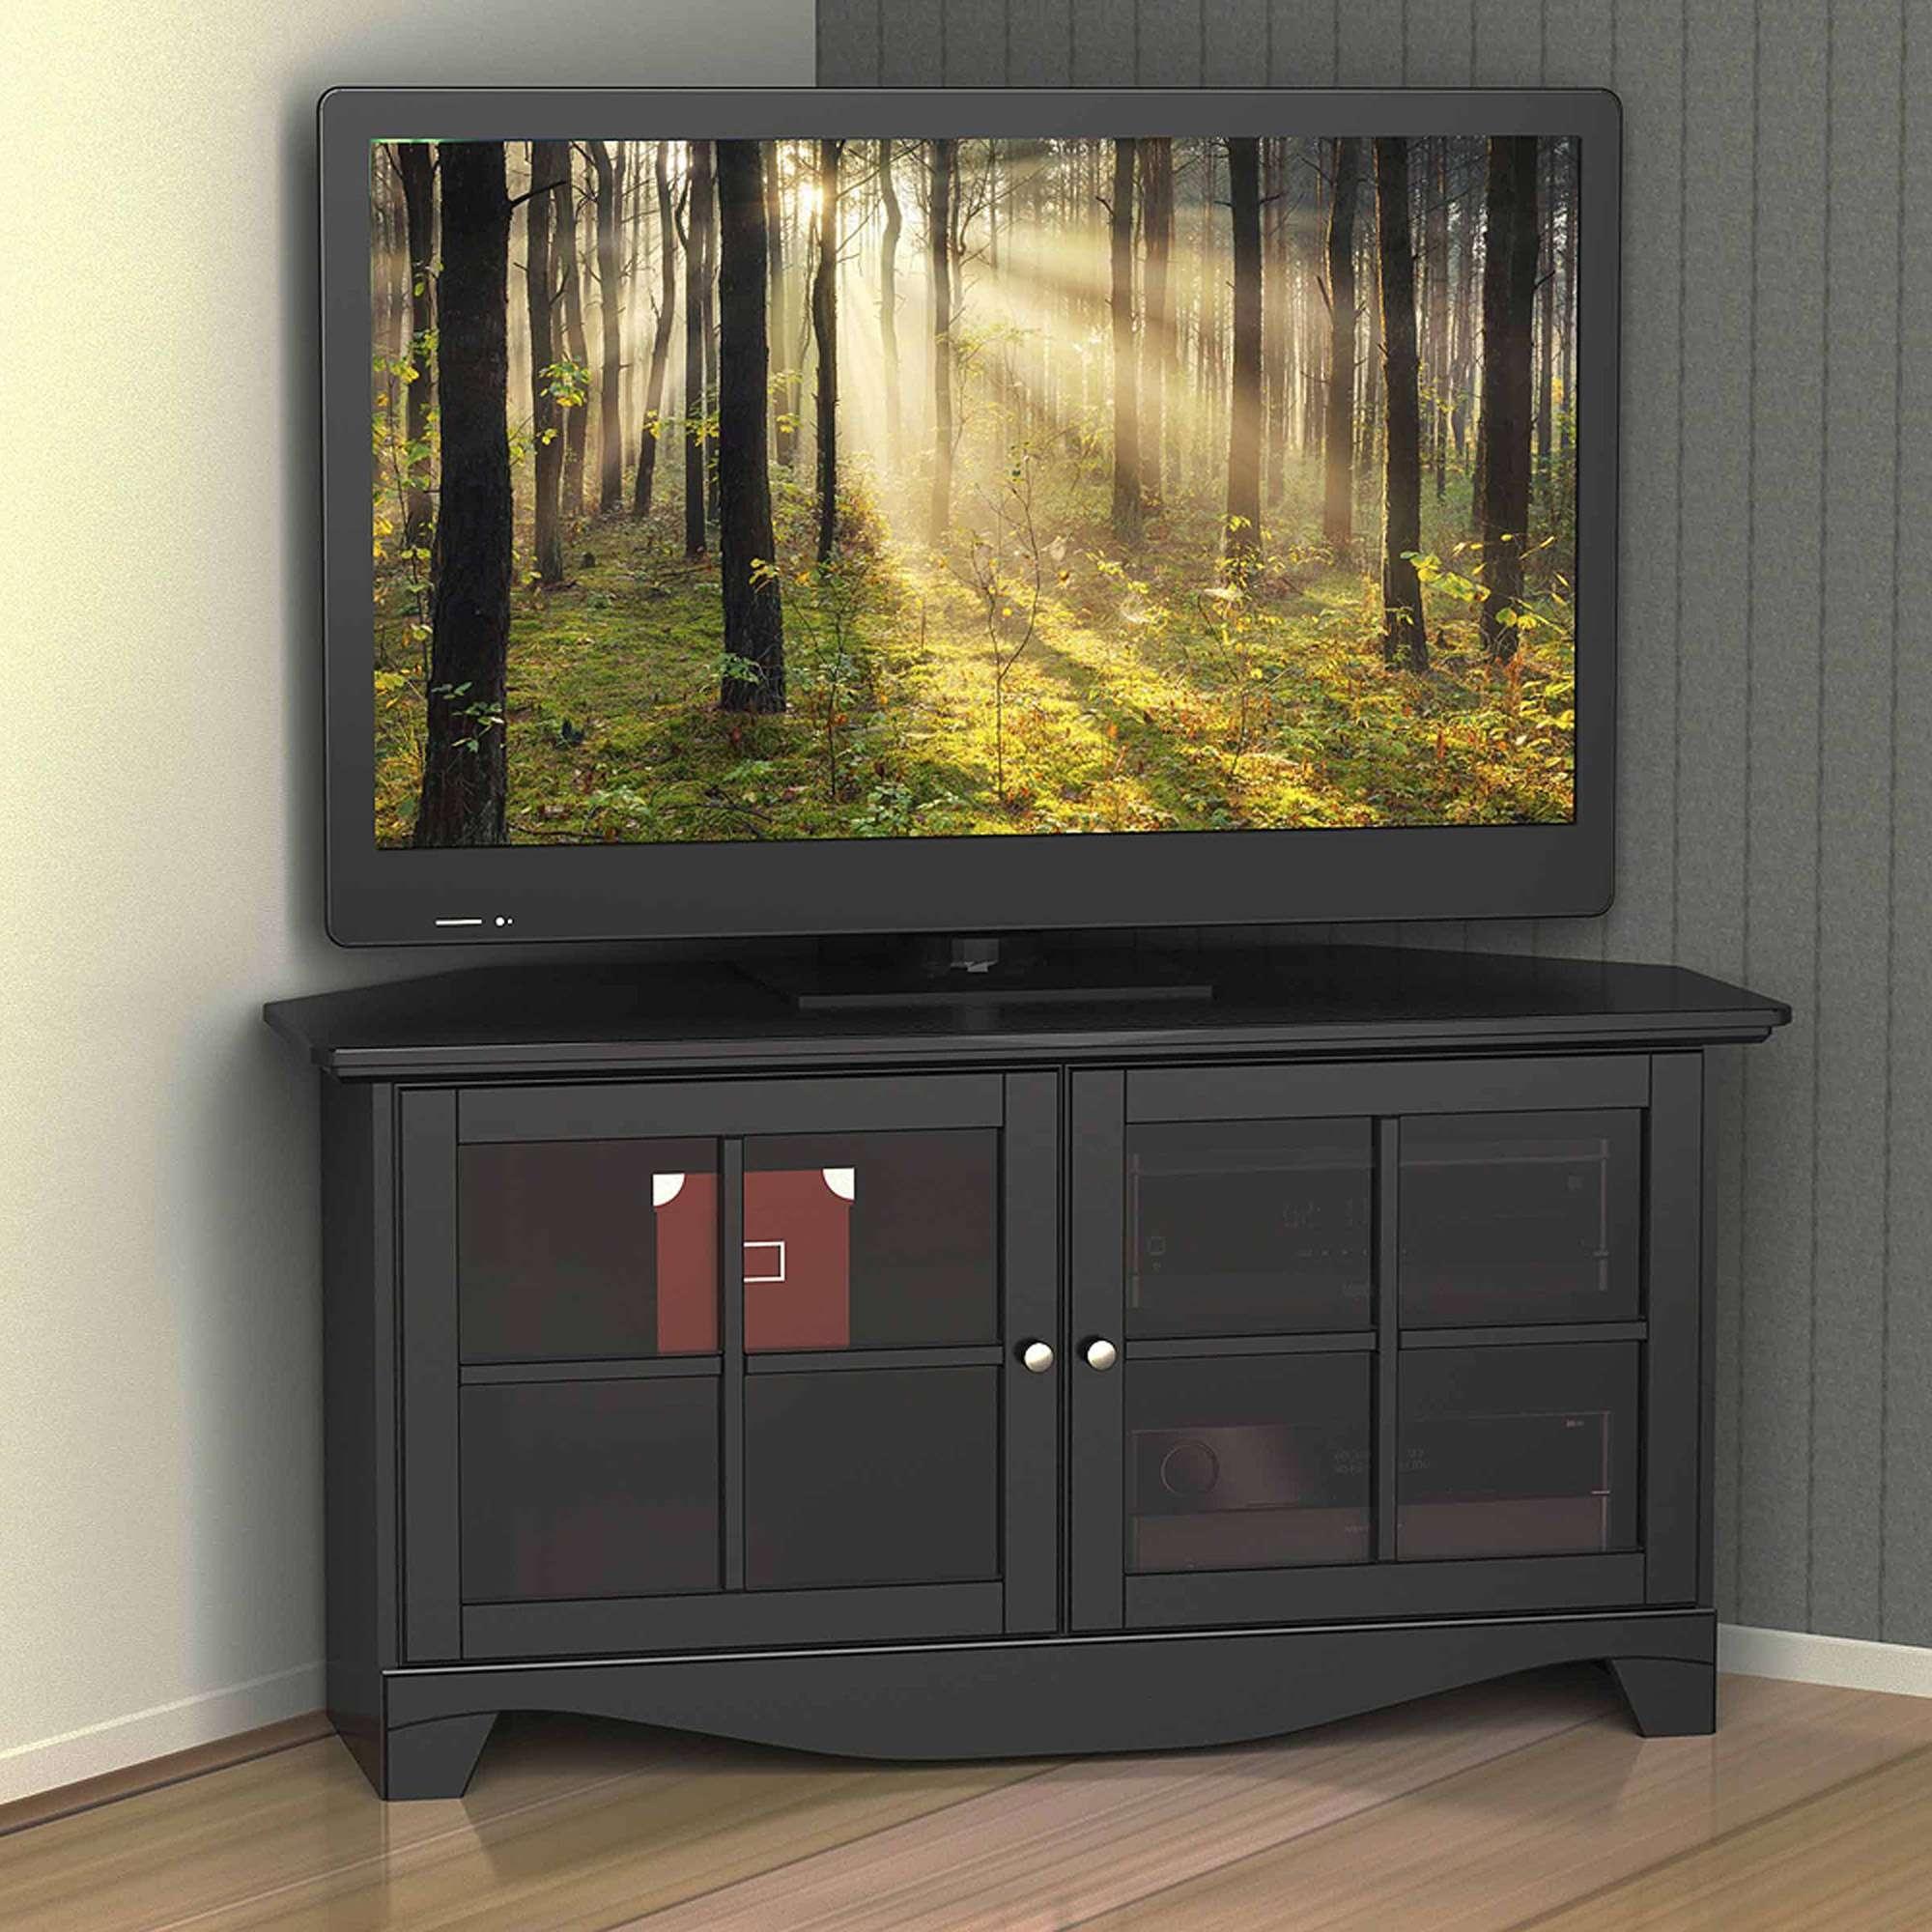 Nexera Pinnacle Black 2 Door Corner Tv Stand For Tvs Up To 49 Regarding Black Corner Tv Cabinets With Glass Doors (View 3 of 20)